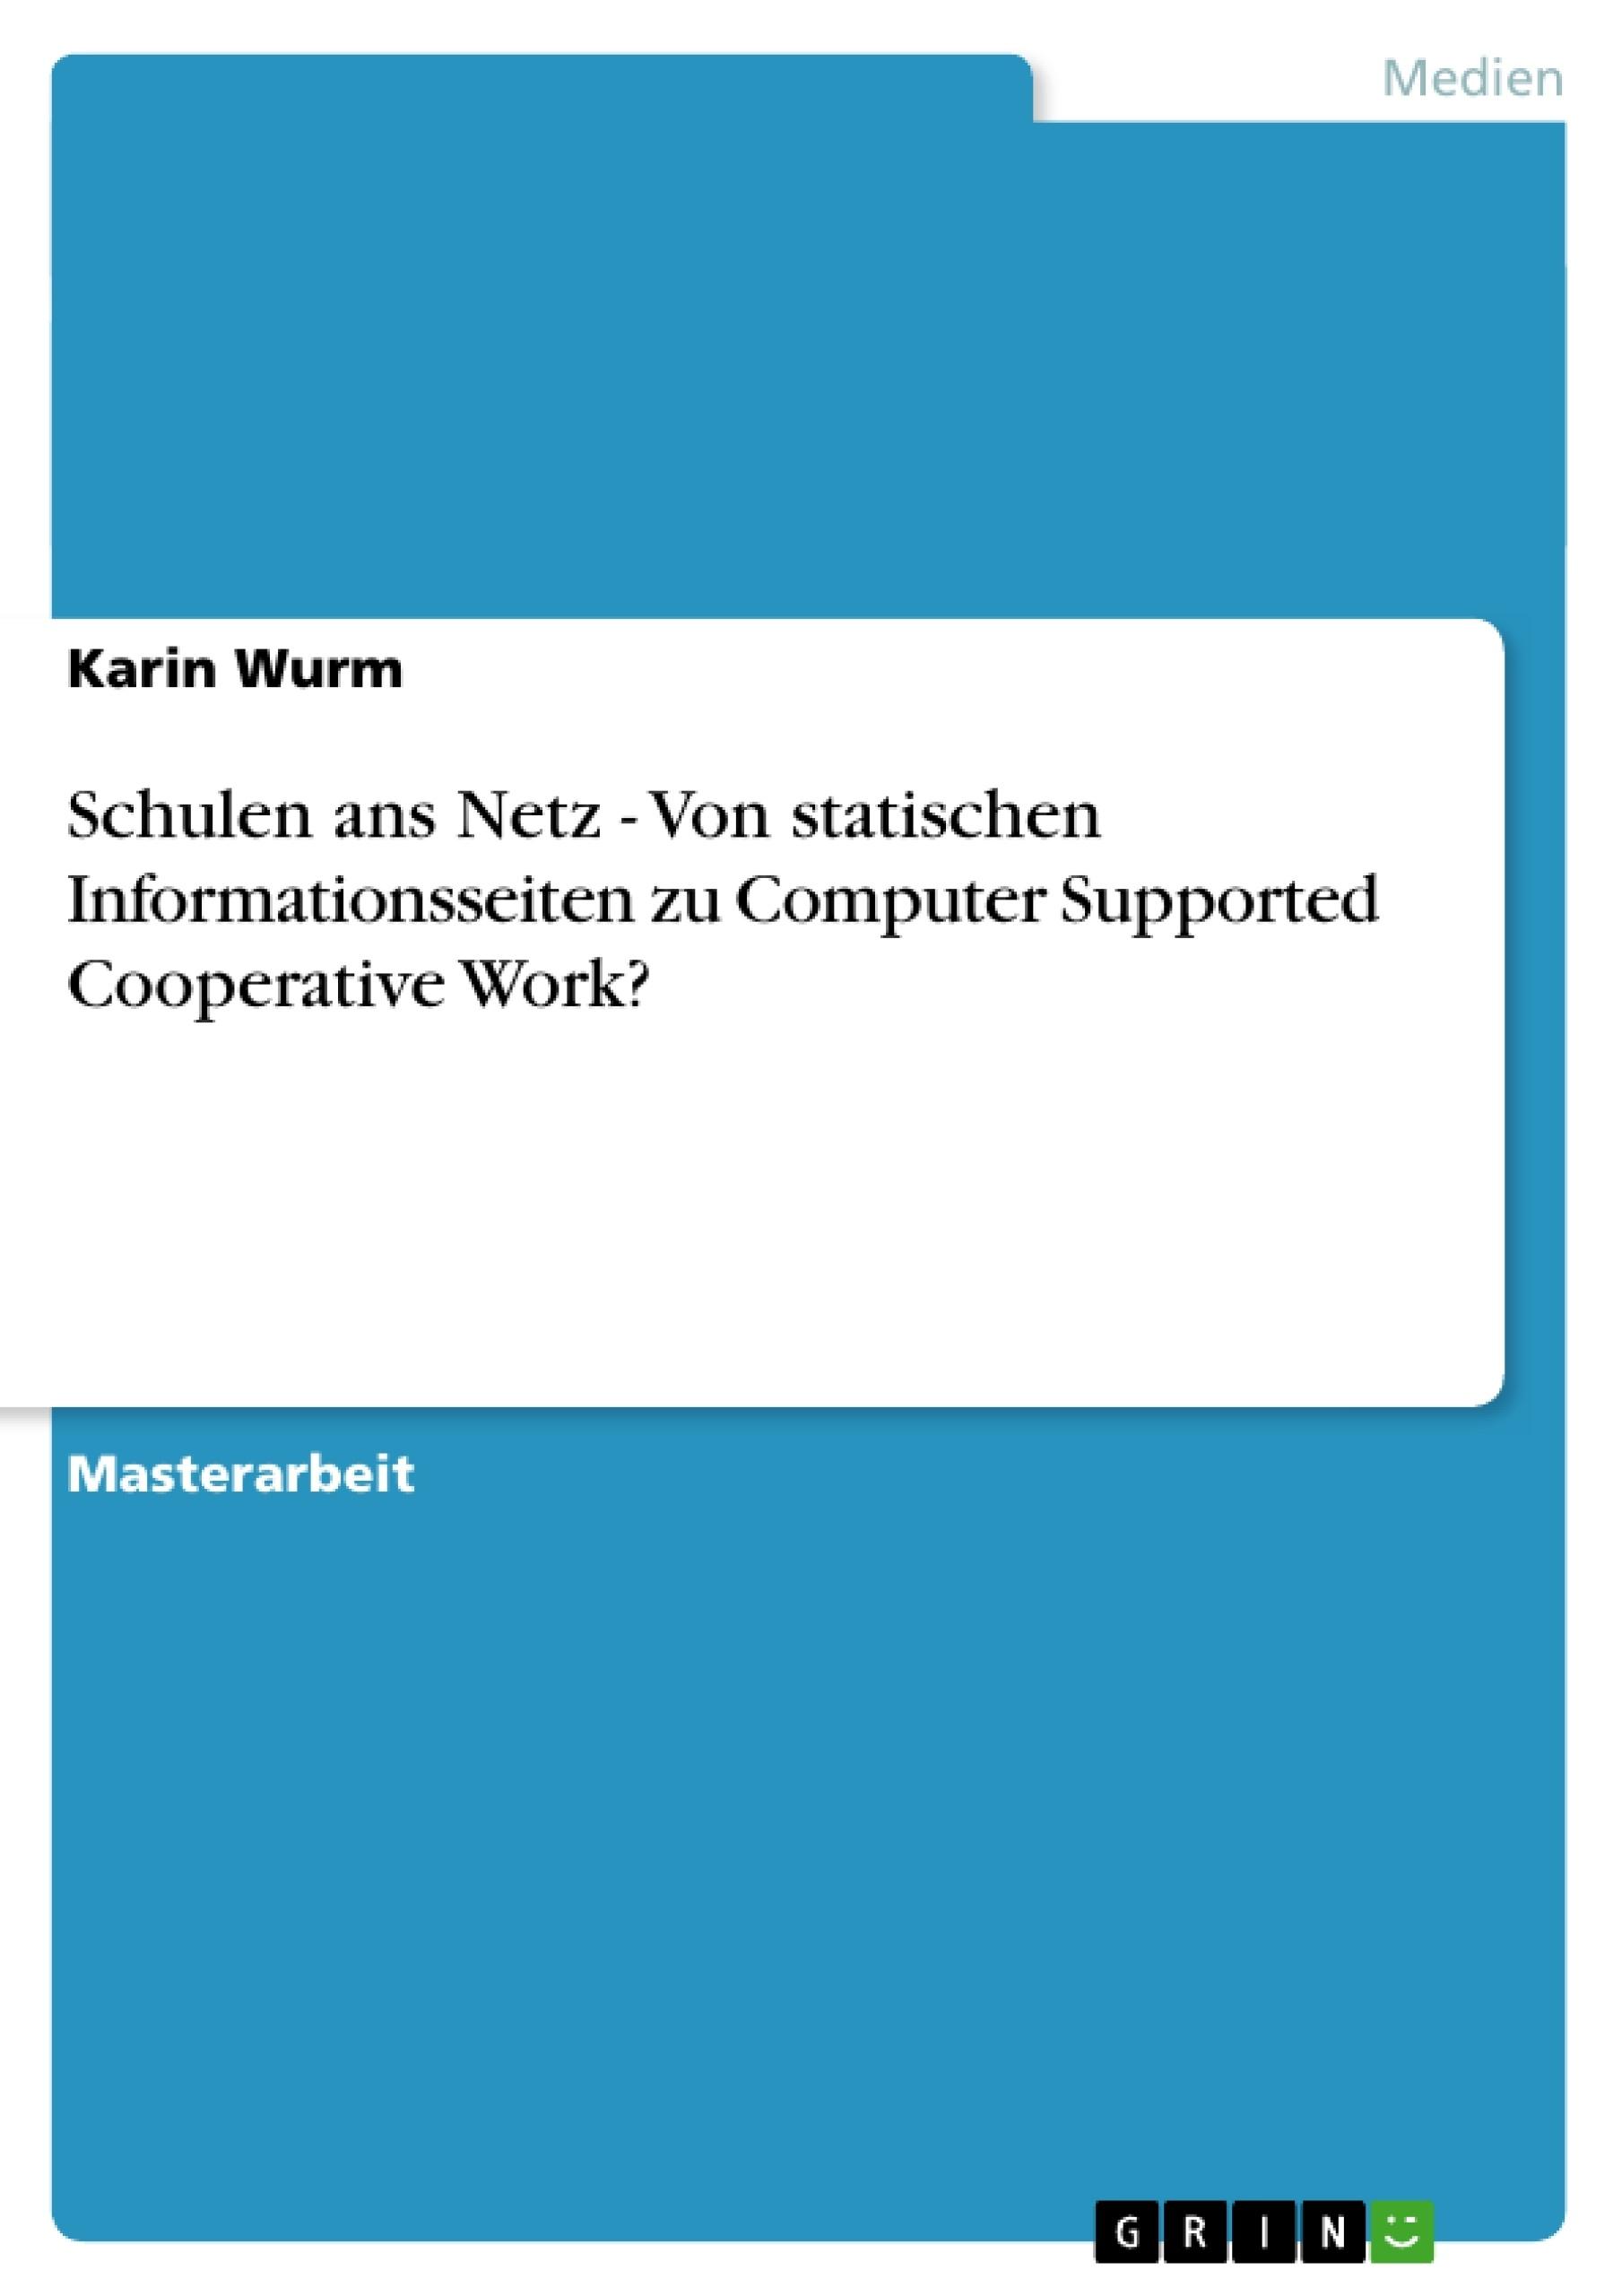 Titel: Schulen ans Netz - Von statischen Informationsseiten zu Computer Supported Cooperative Work?